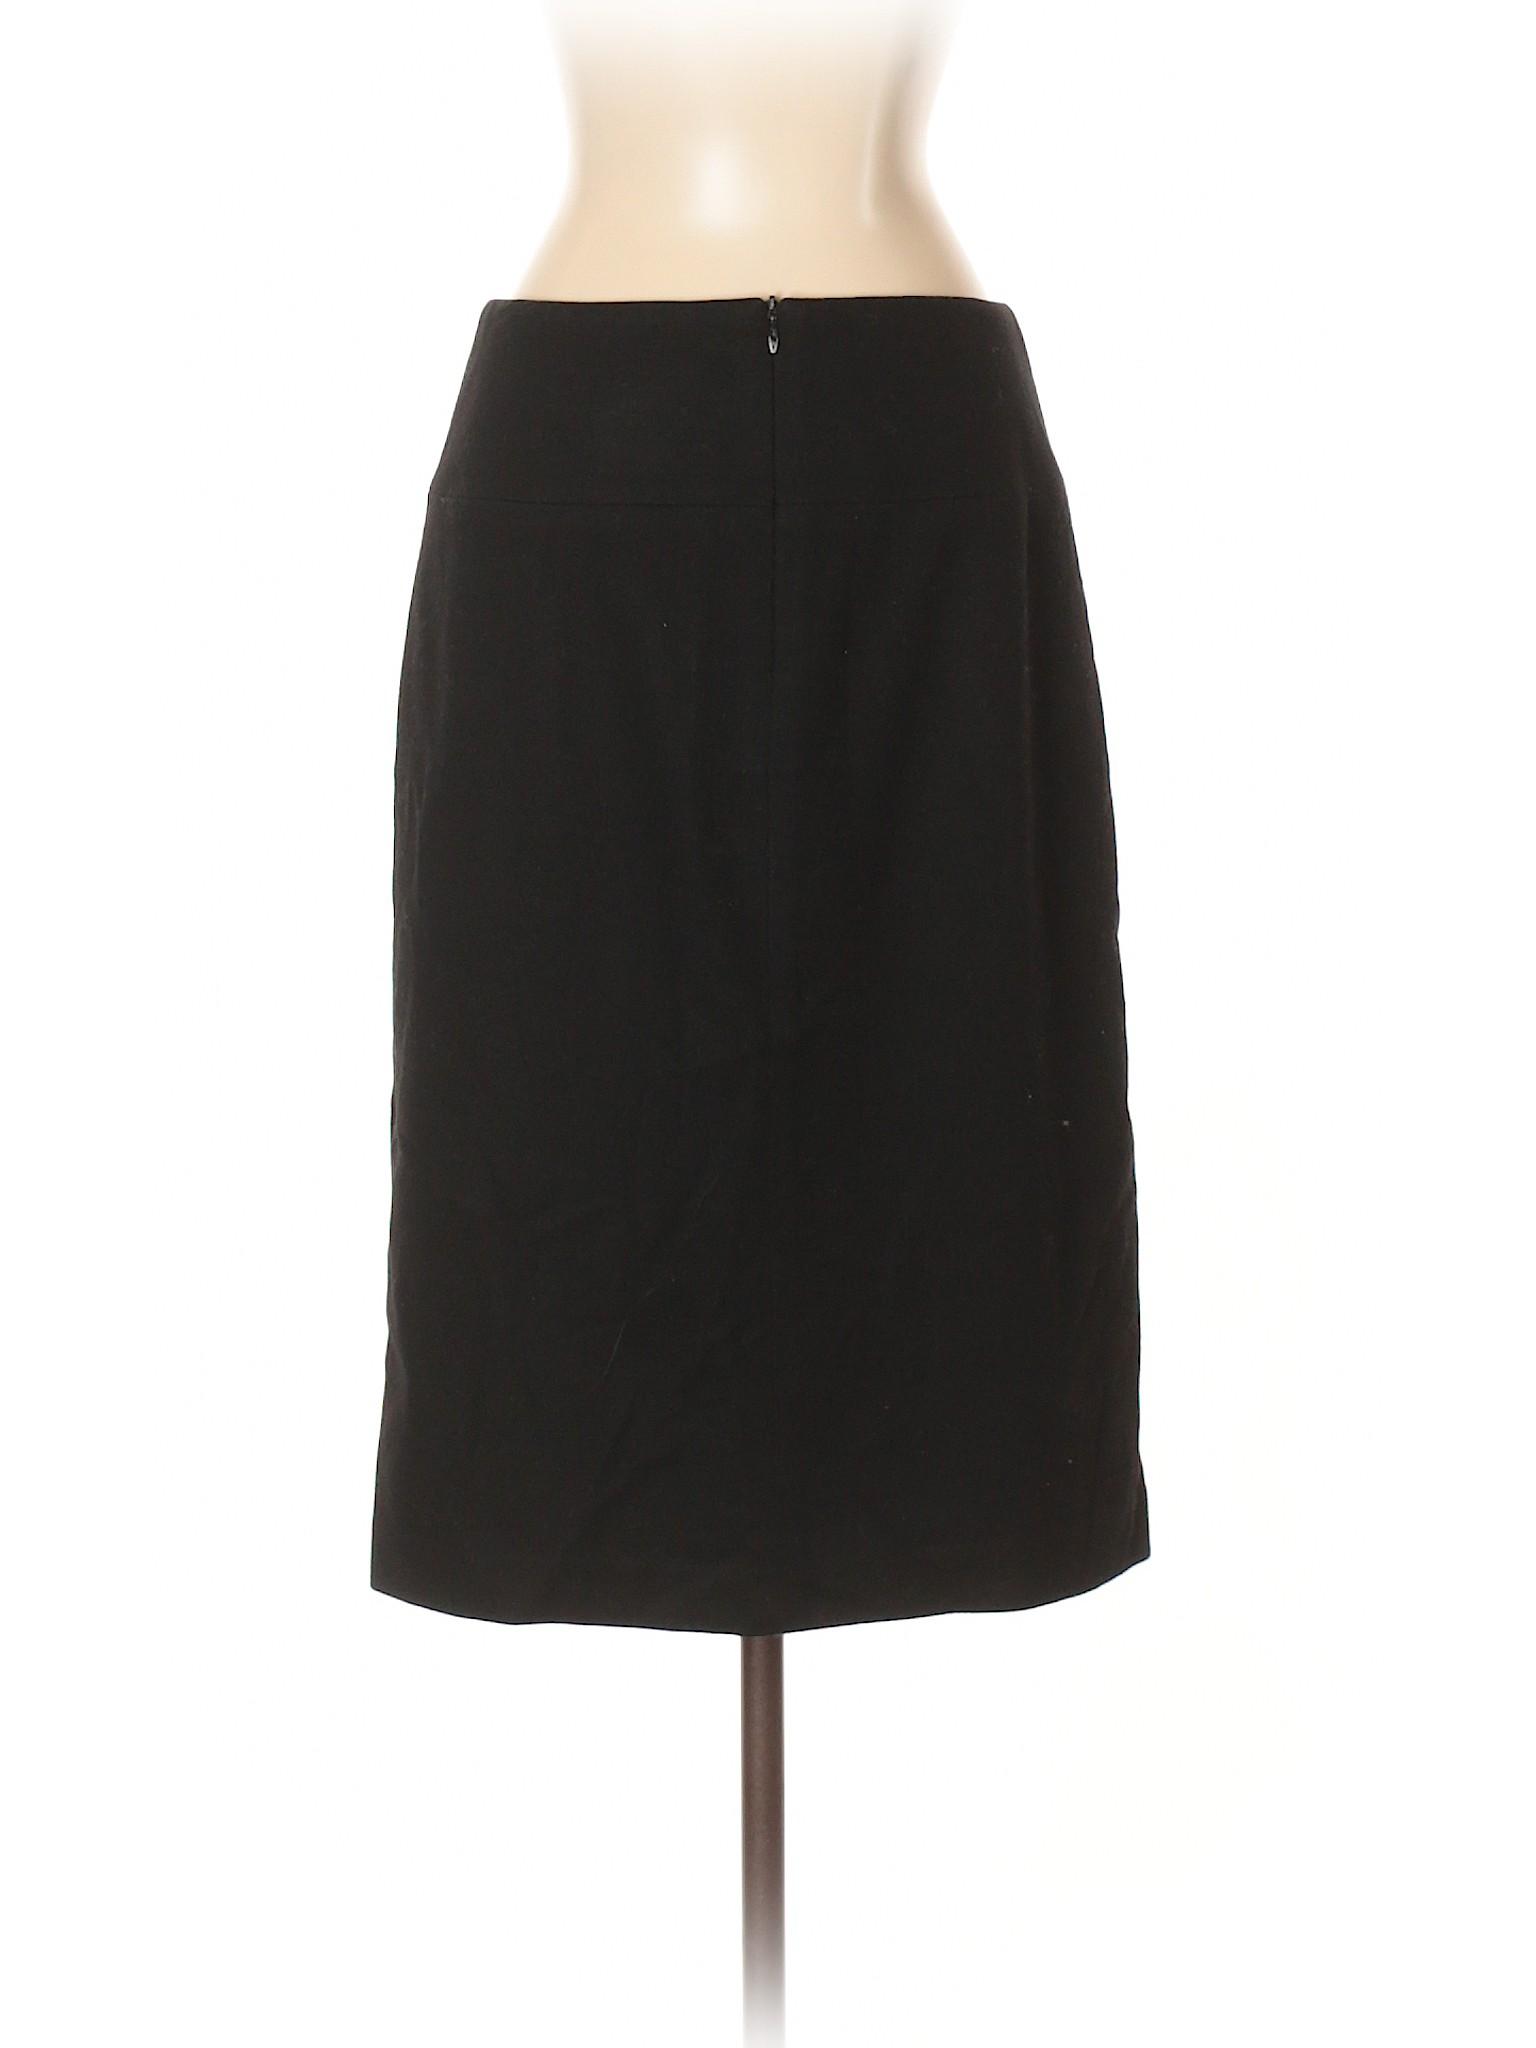 Skirt Wool Banana winter Leisure Republic nxTIx8